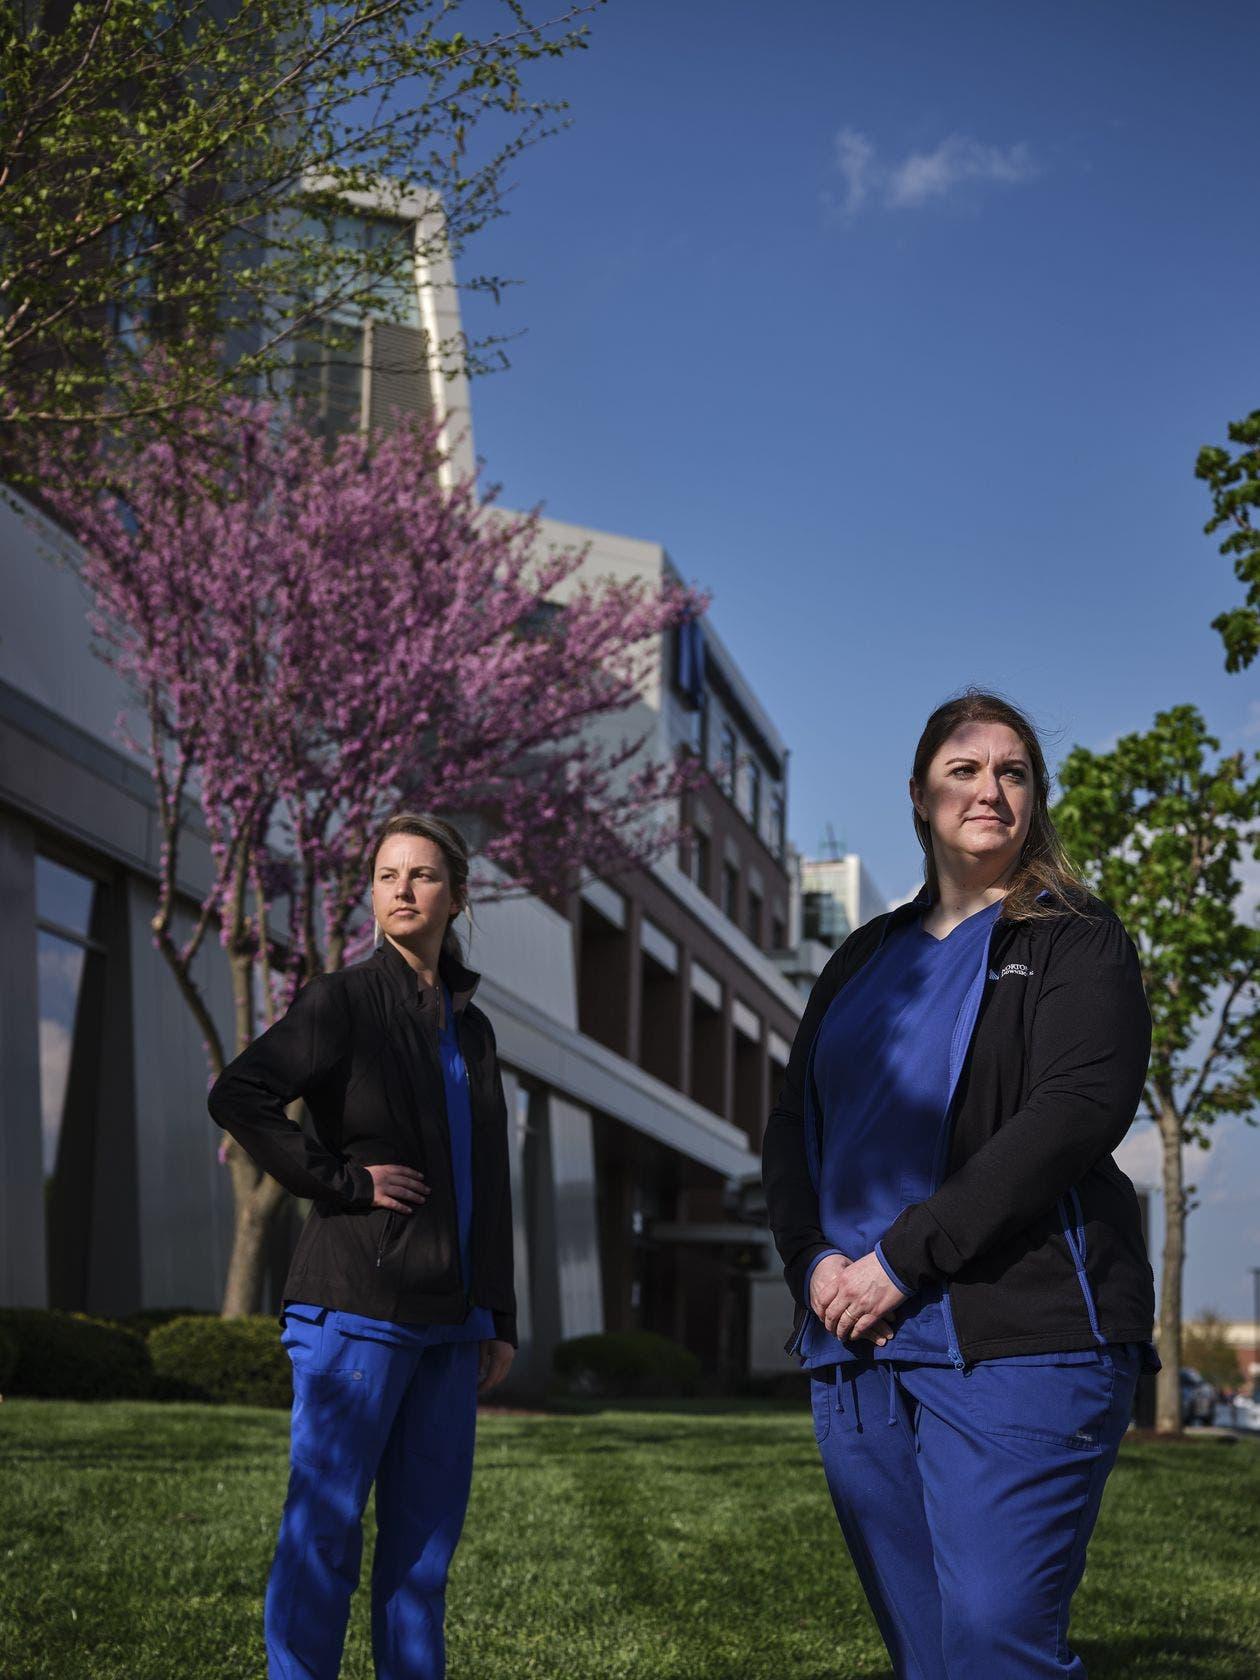 الممرضتان جوليا هانت (من اليسار) وزميلتها أودري ووترز